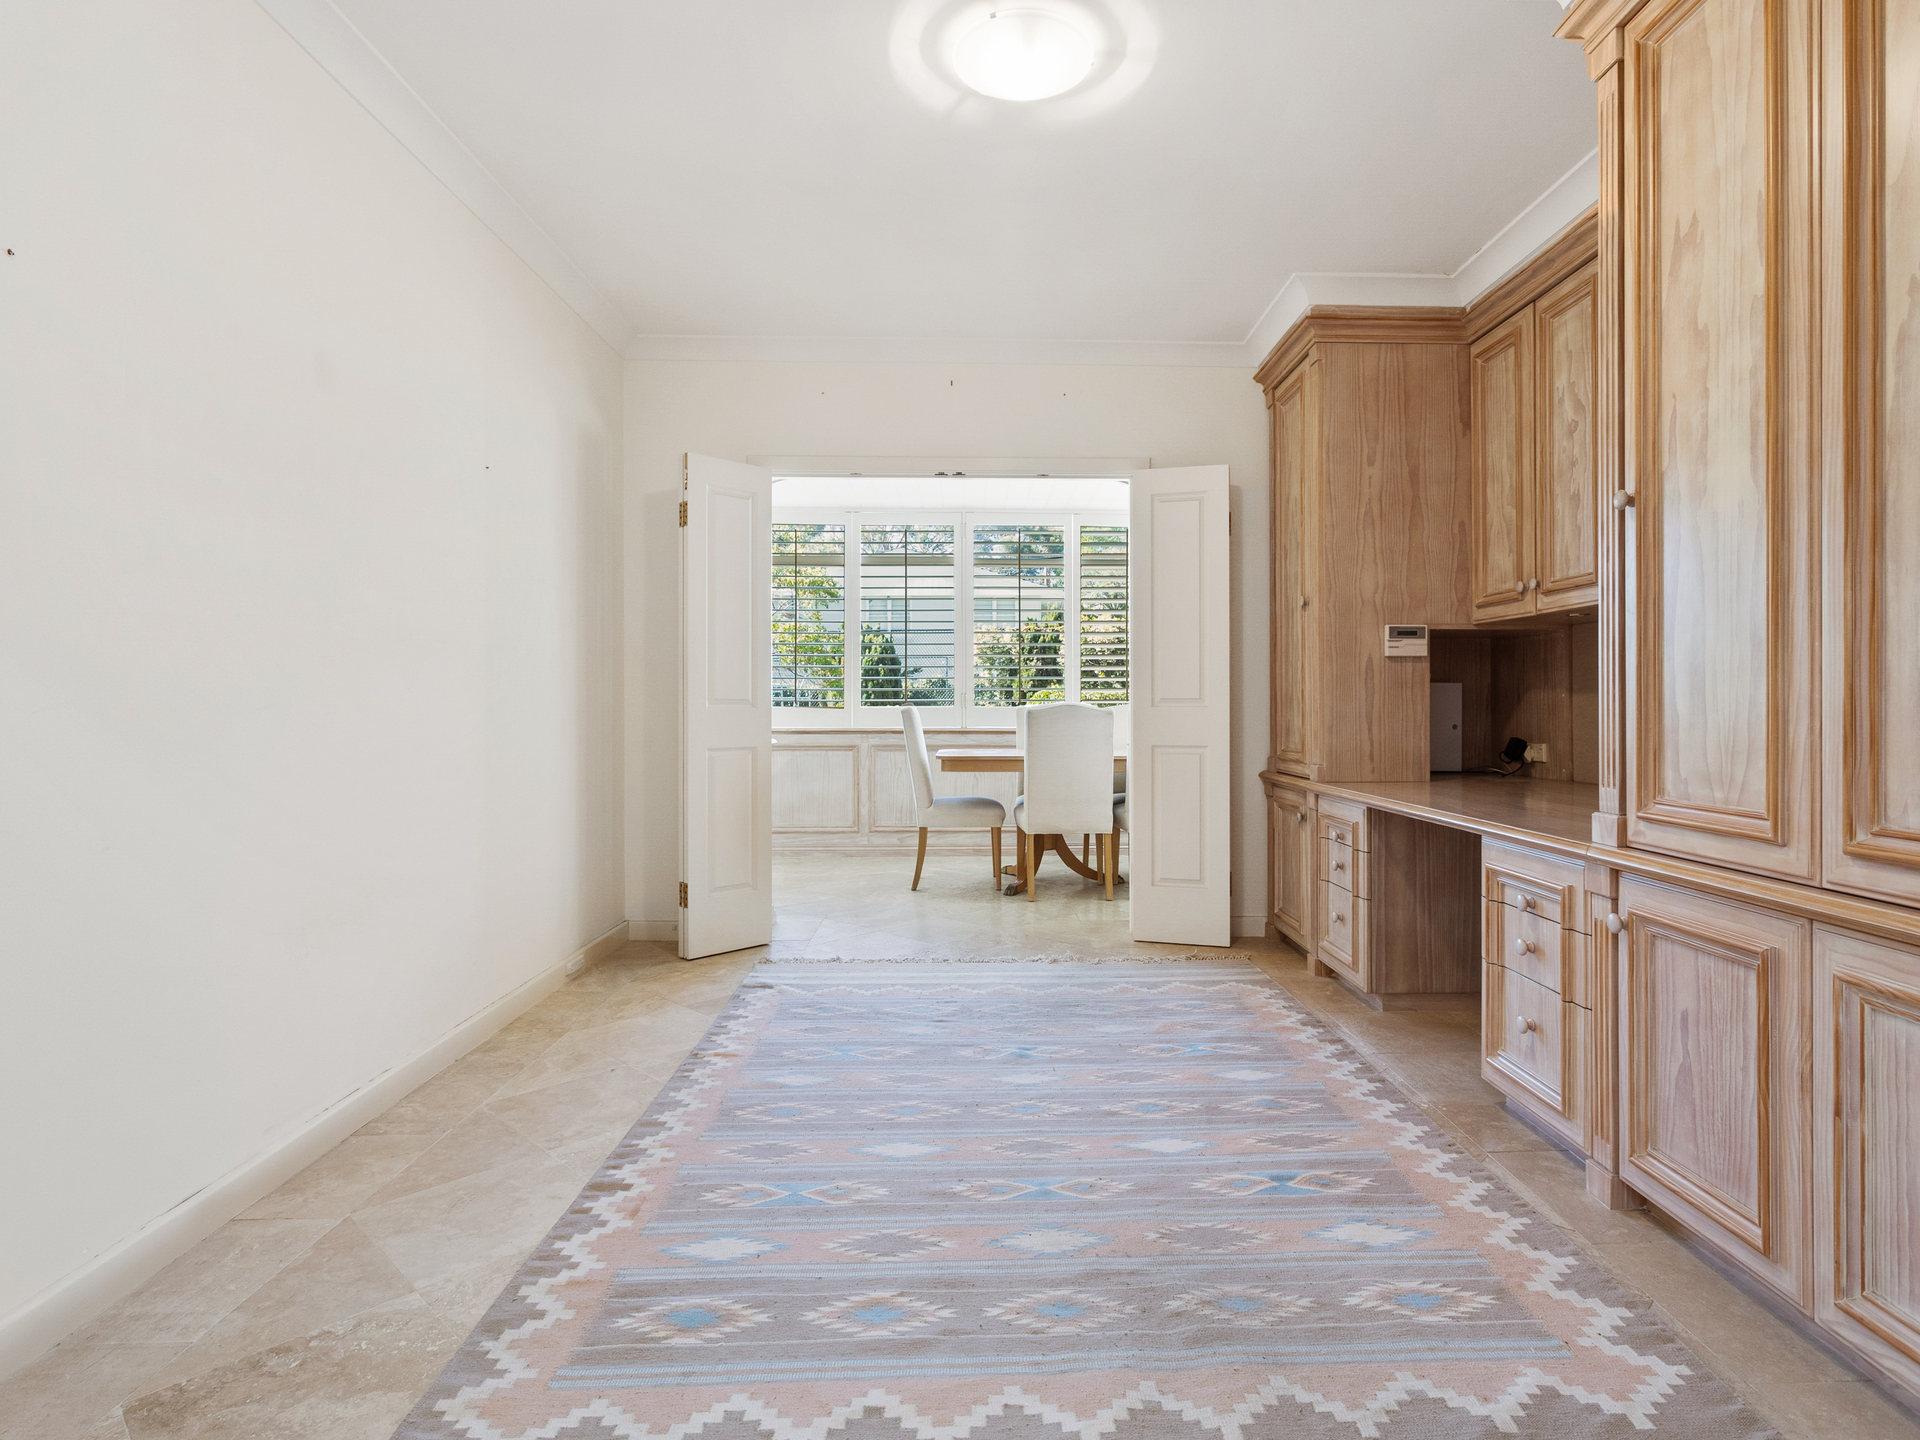 5/20 Richardson Avenue Claremont - Apartment For Sale - 20644388 - ACTON Cottesloe